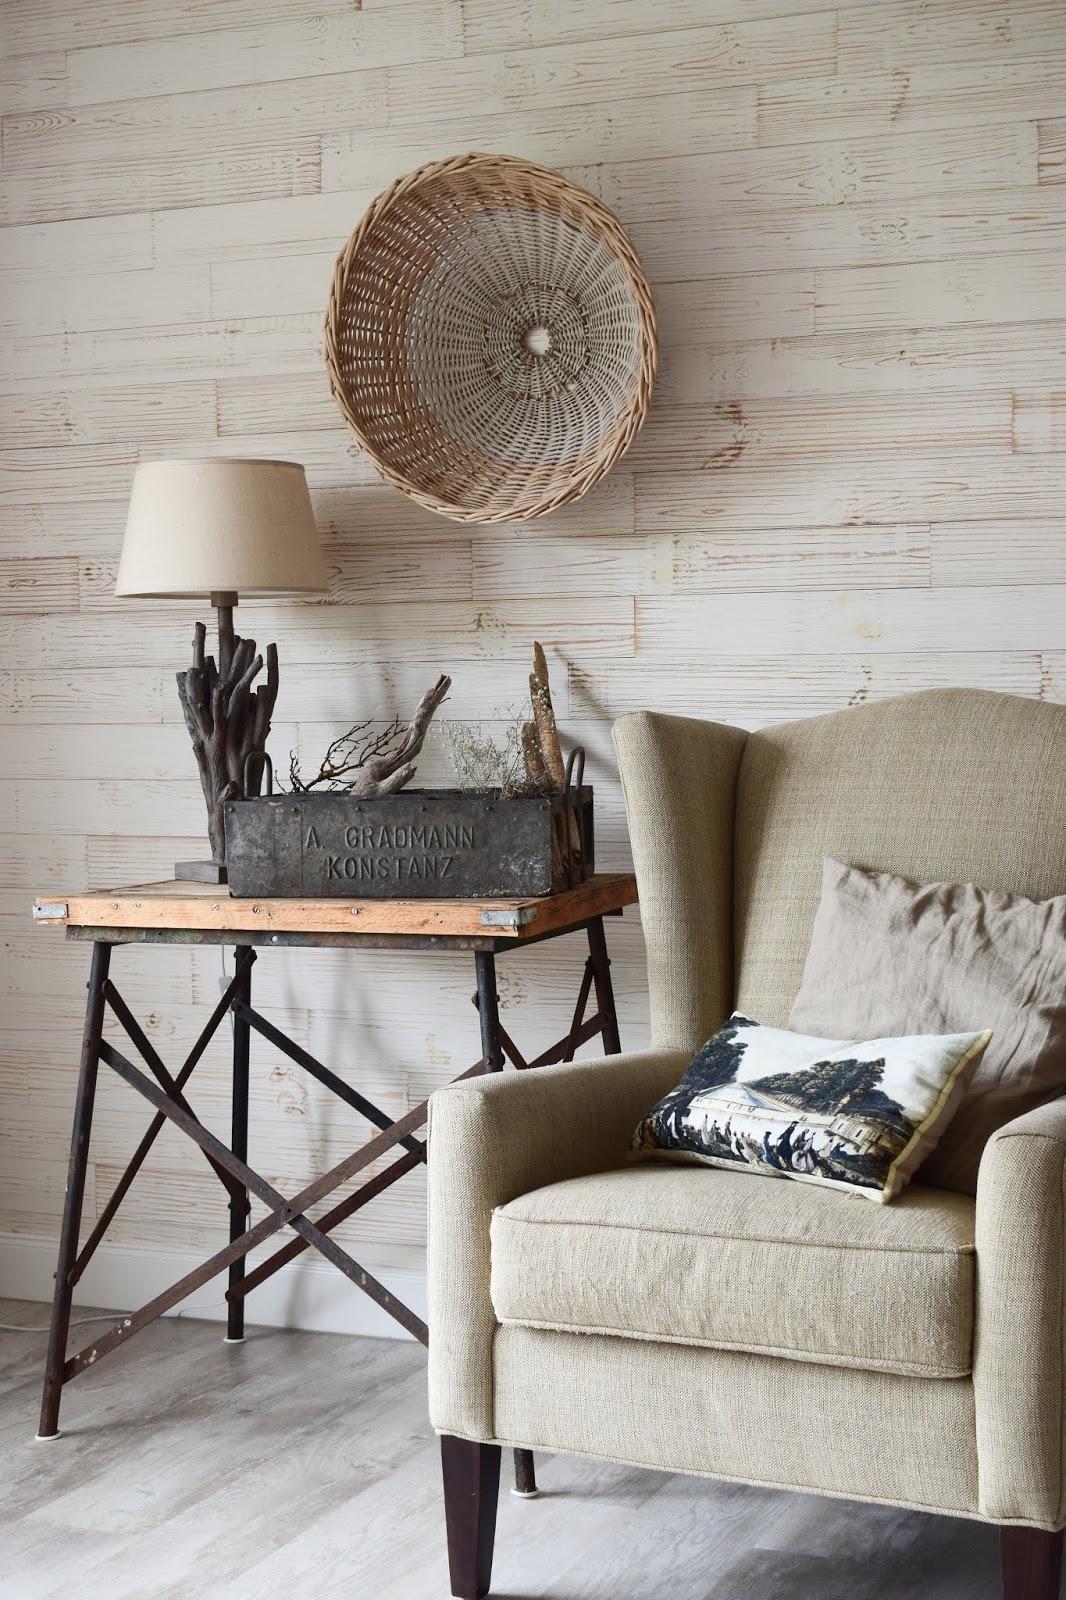 Wohnzimmer Ideen im Landhaus Stil einrichten. Deko Dekoideen natürlich dekorieren. Wanddeko Flohmarkt Tischlampe. Naturdeko Leseecke Lesesessel